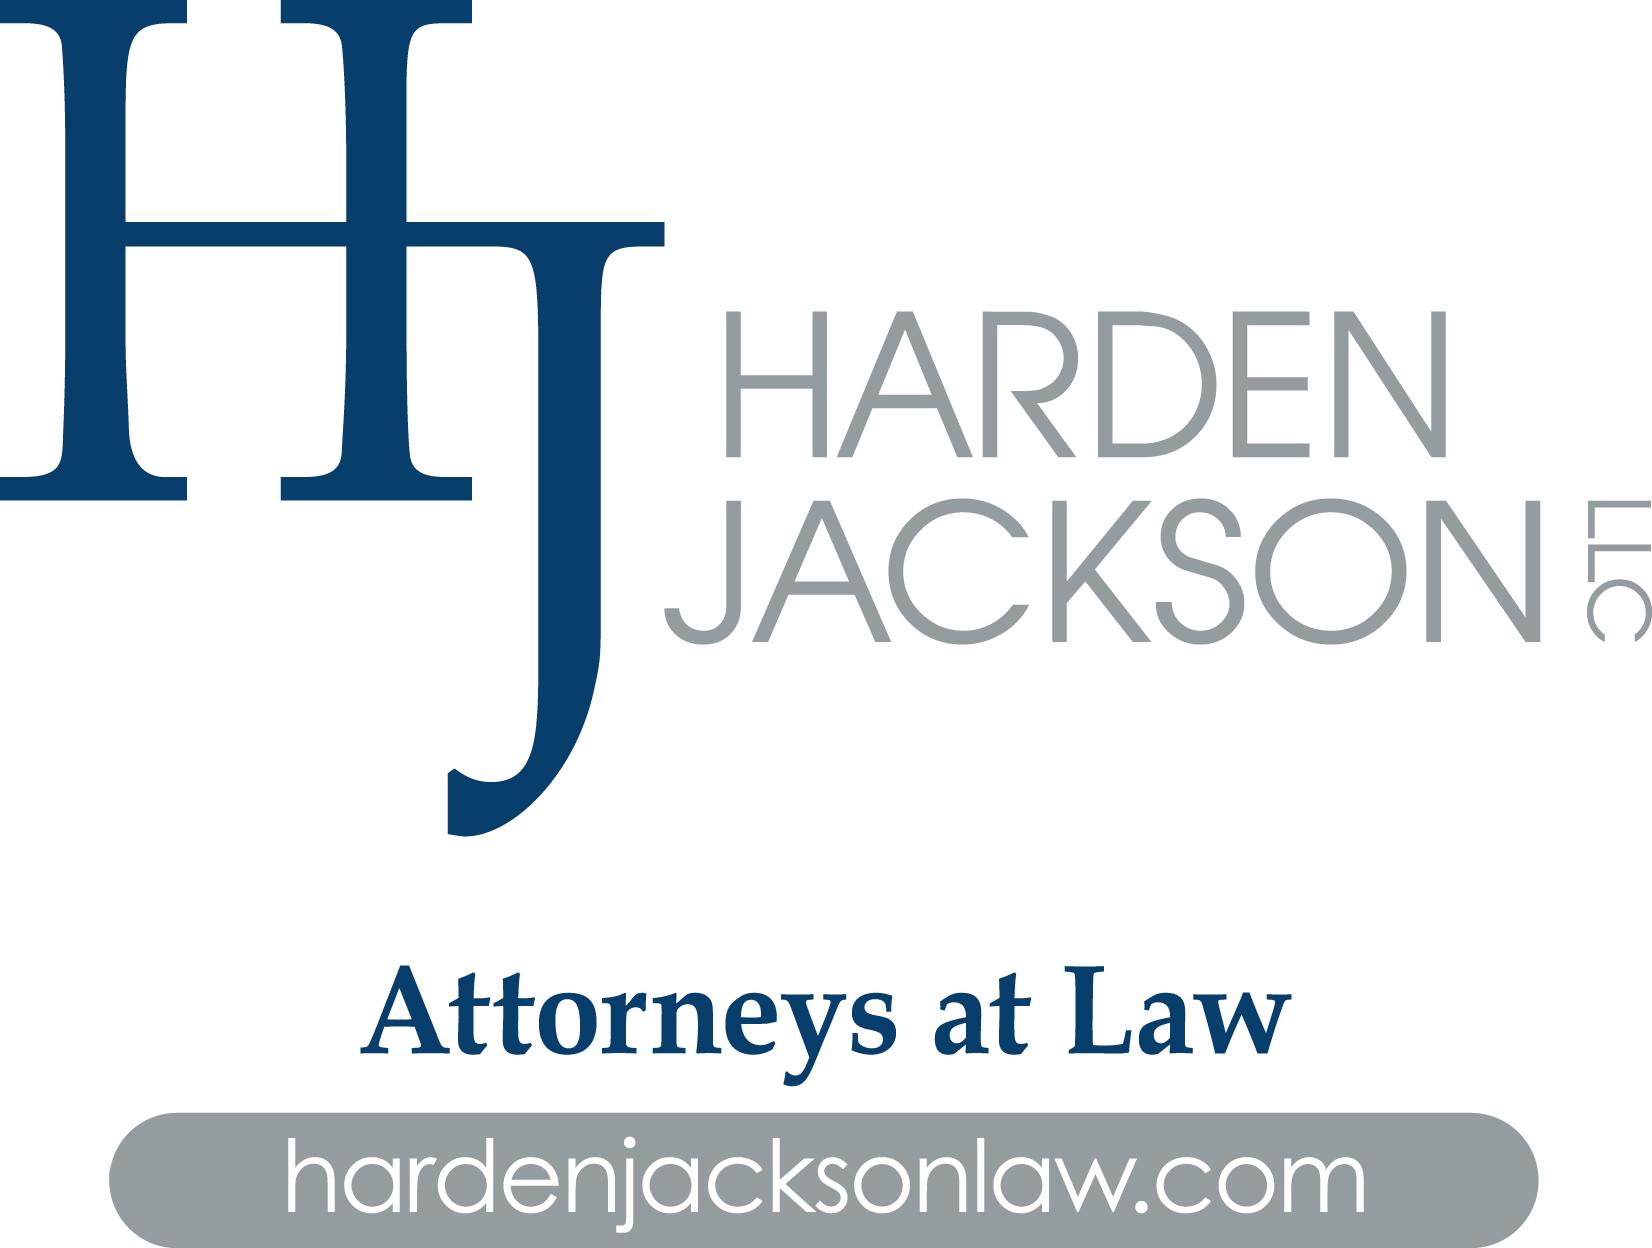 Harden Jackson